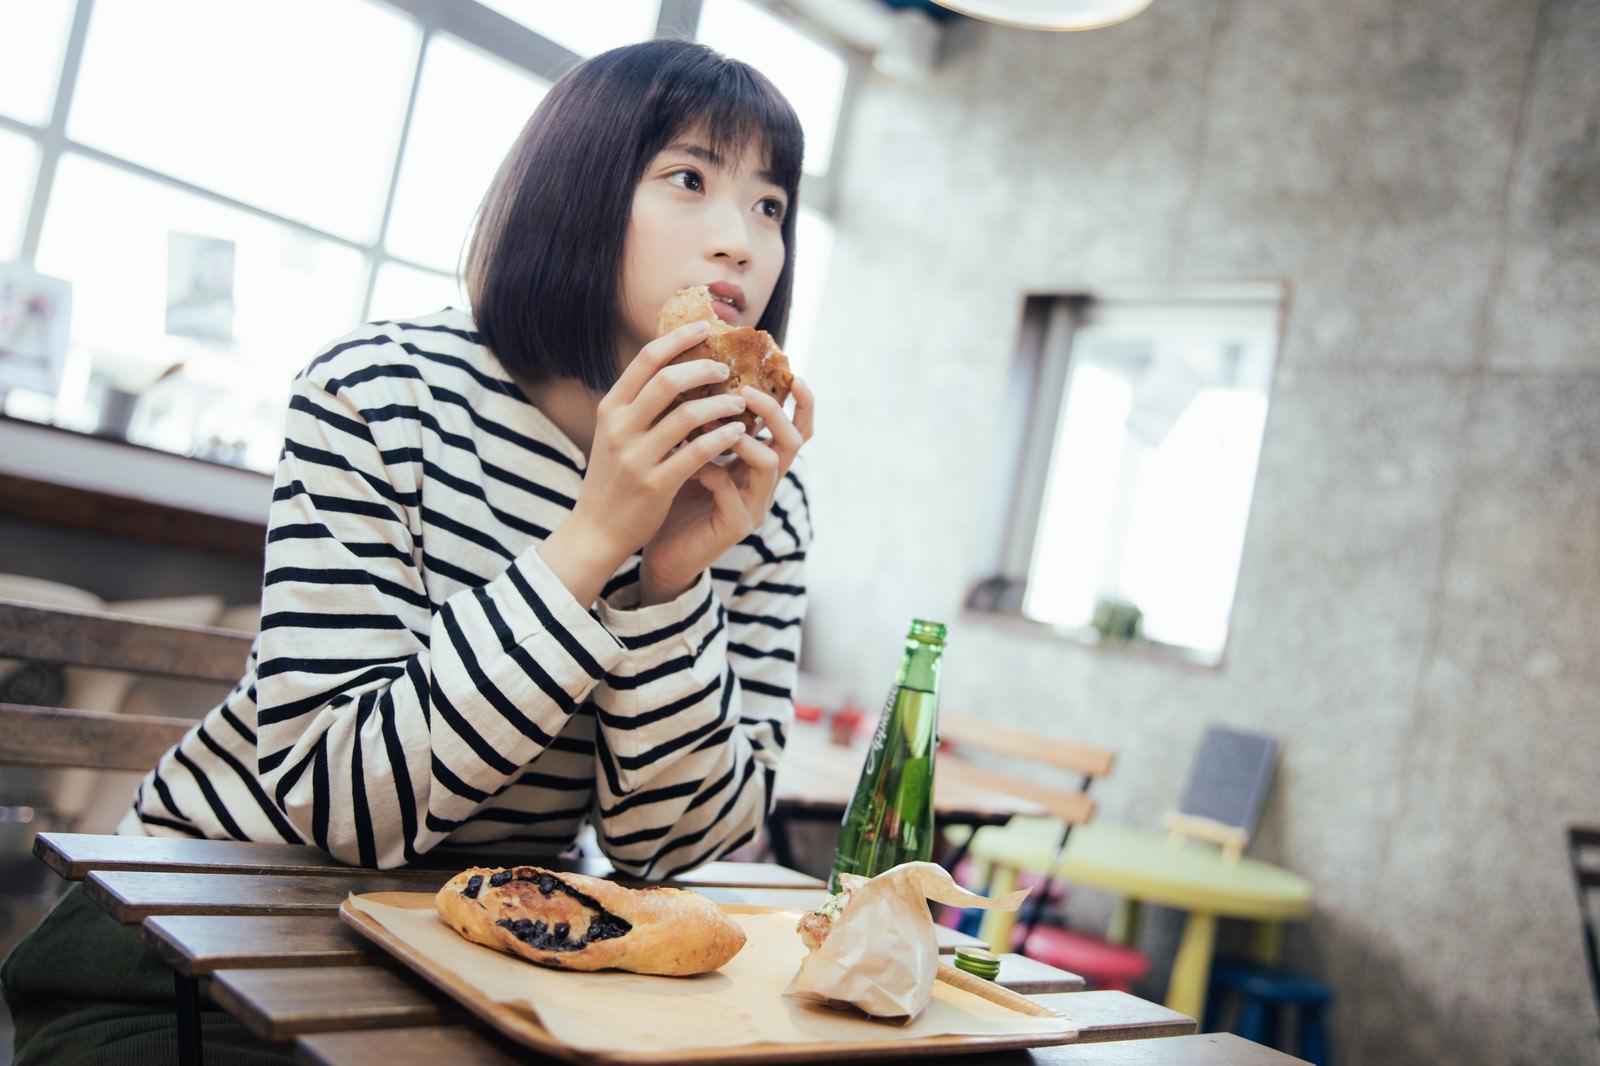 「フードコートでおやつに菓子パンを食べる女性」の写真[モデル:塩田みう]